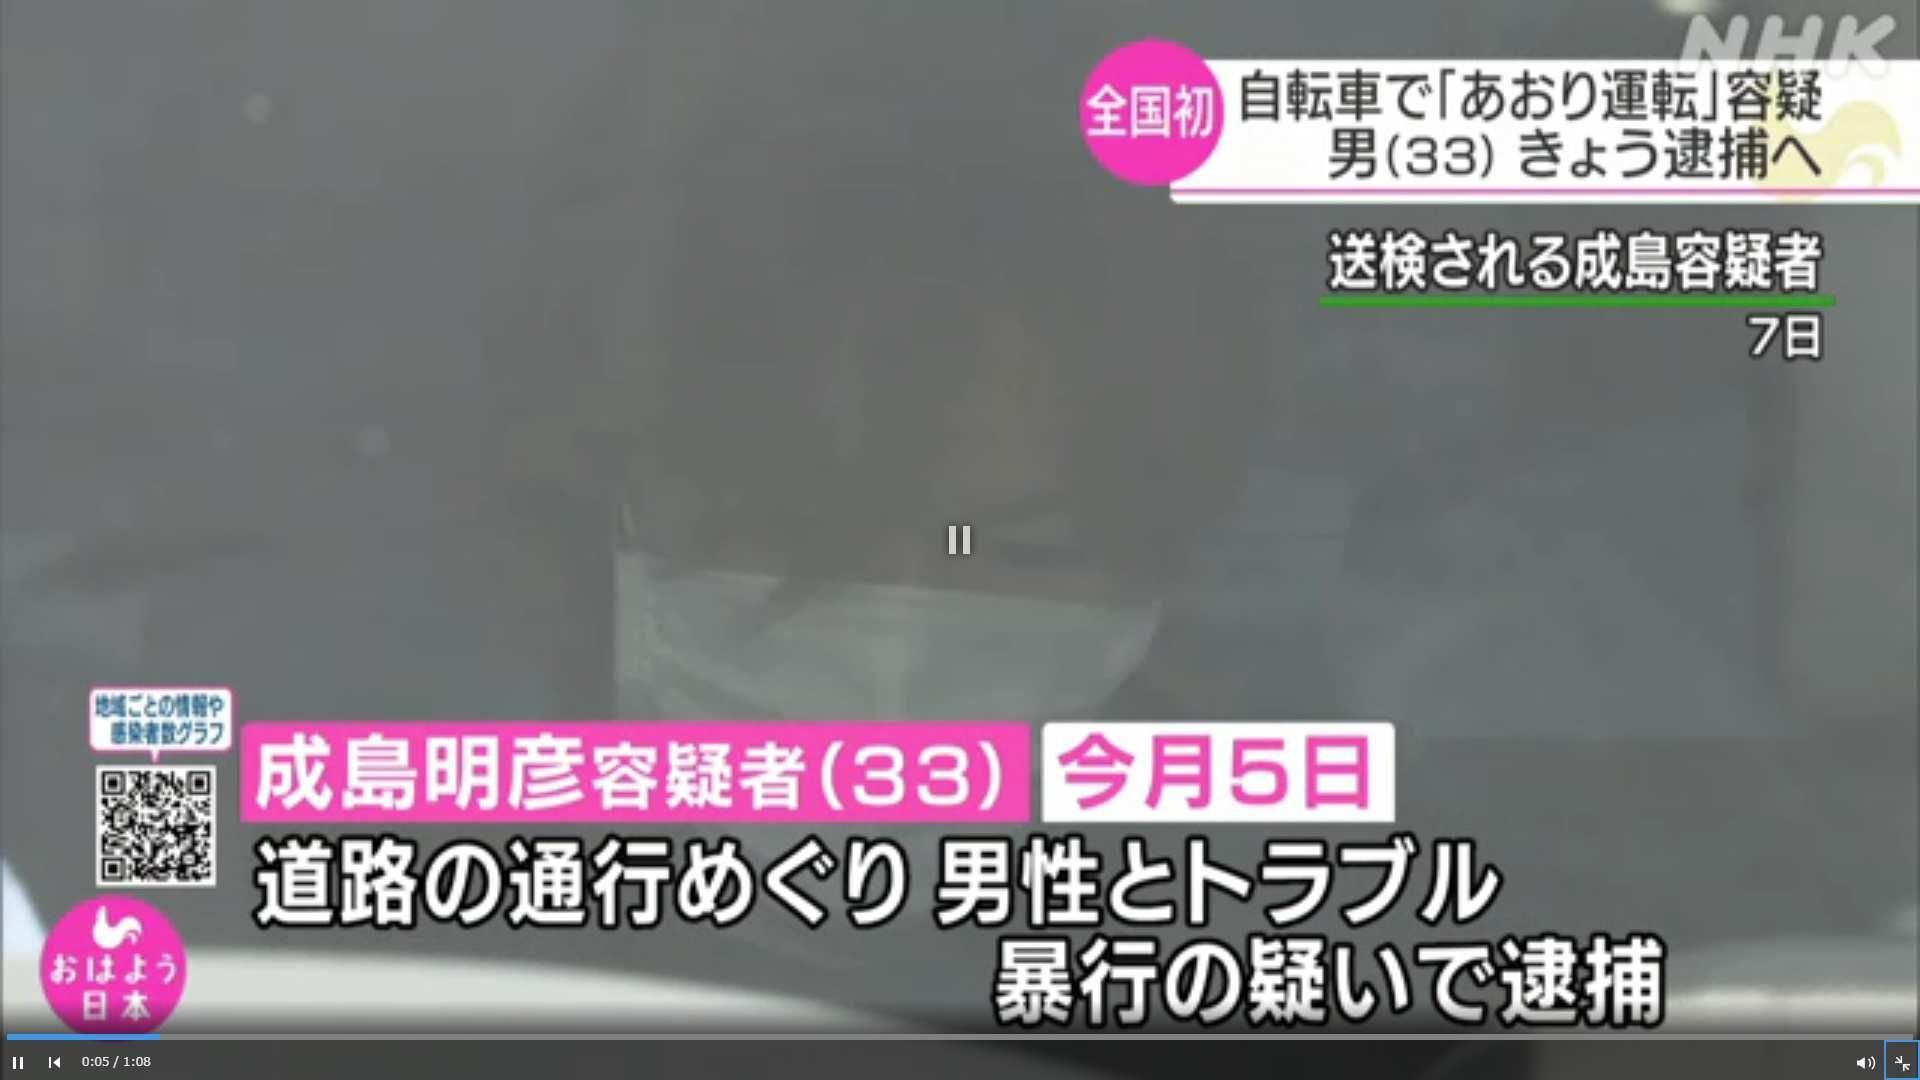 者 成島 容疑 自転車「ひょっこり男」を逮捕、あおり運転とみなされ実刑は不可避か